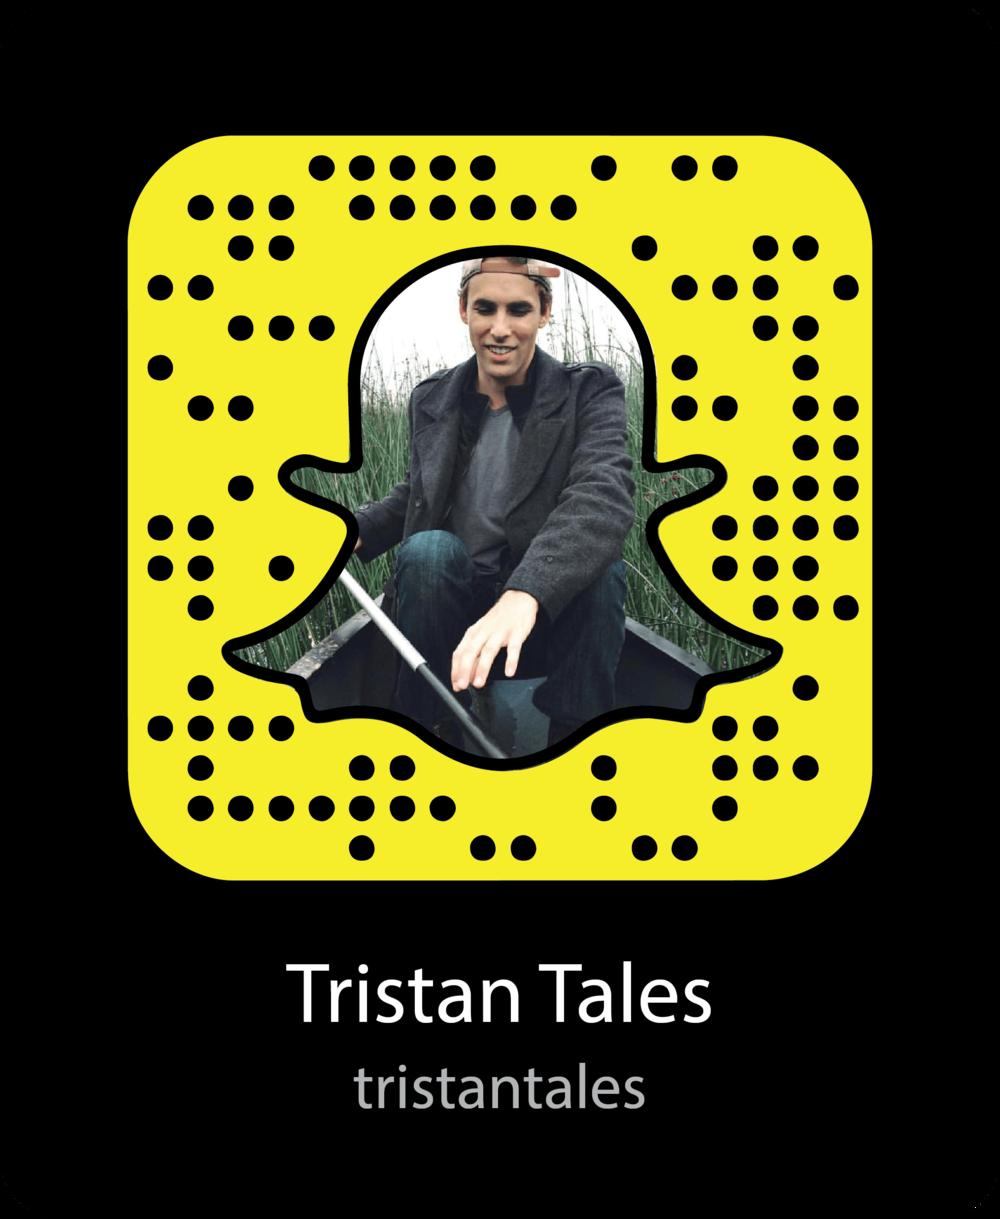 tristan-tales-storytellers-snapchat-snapcode